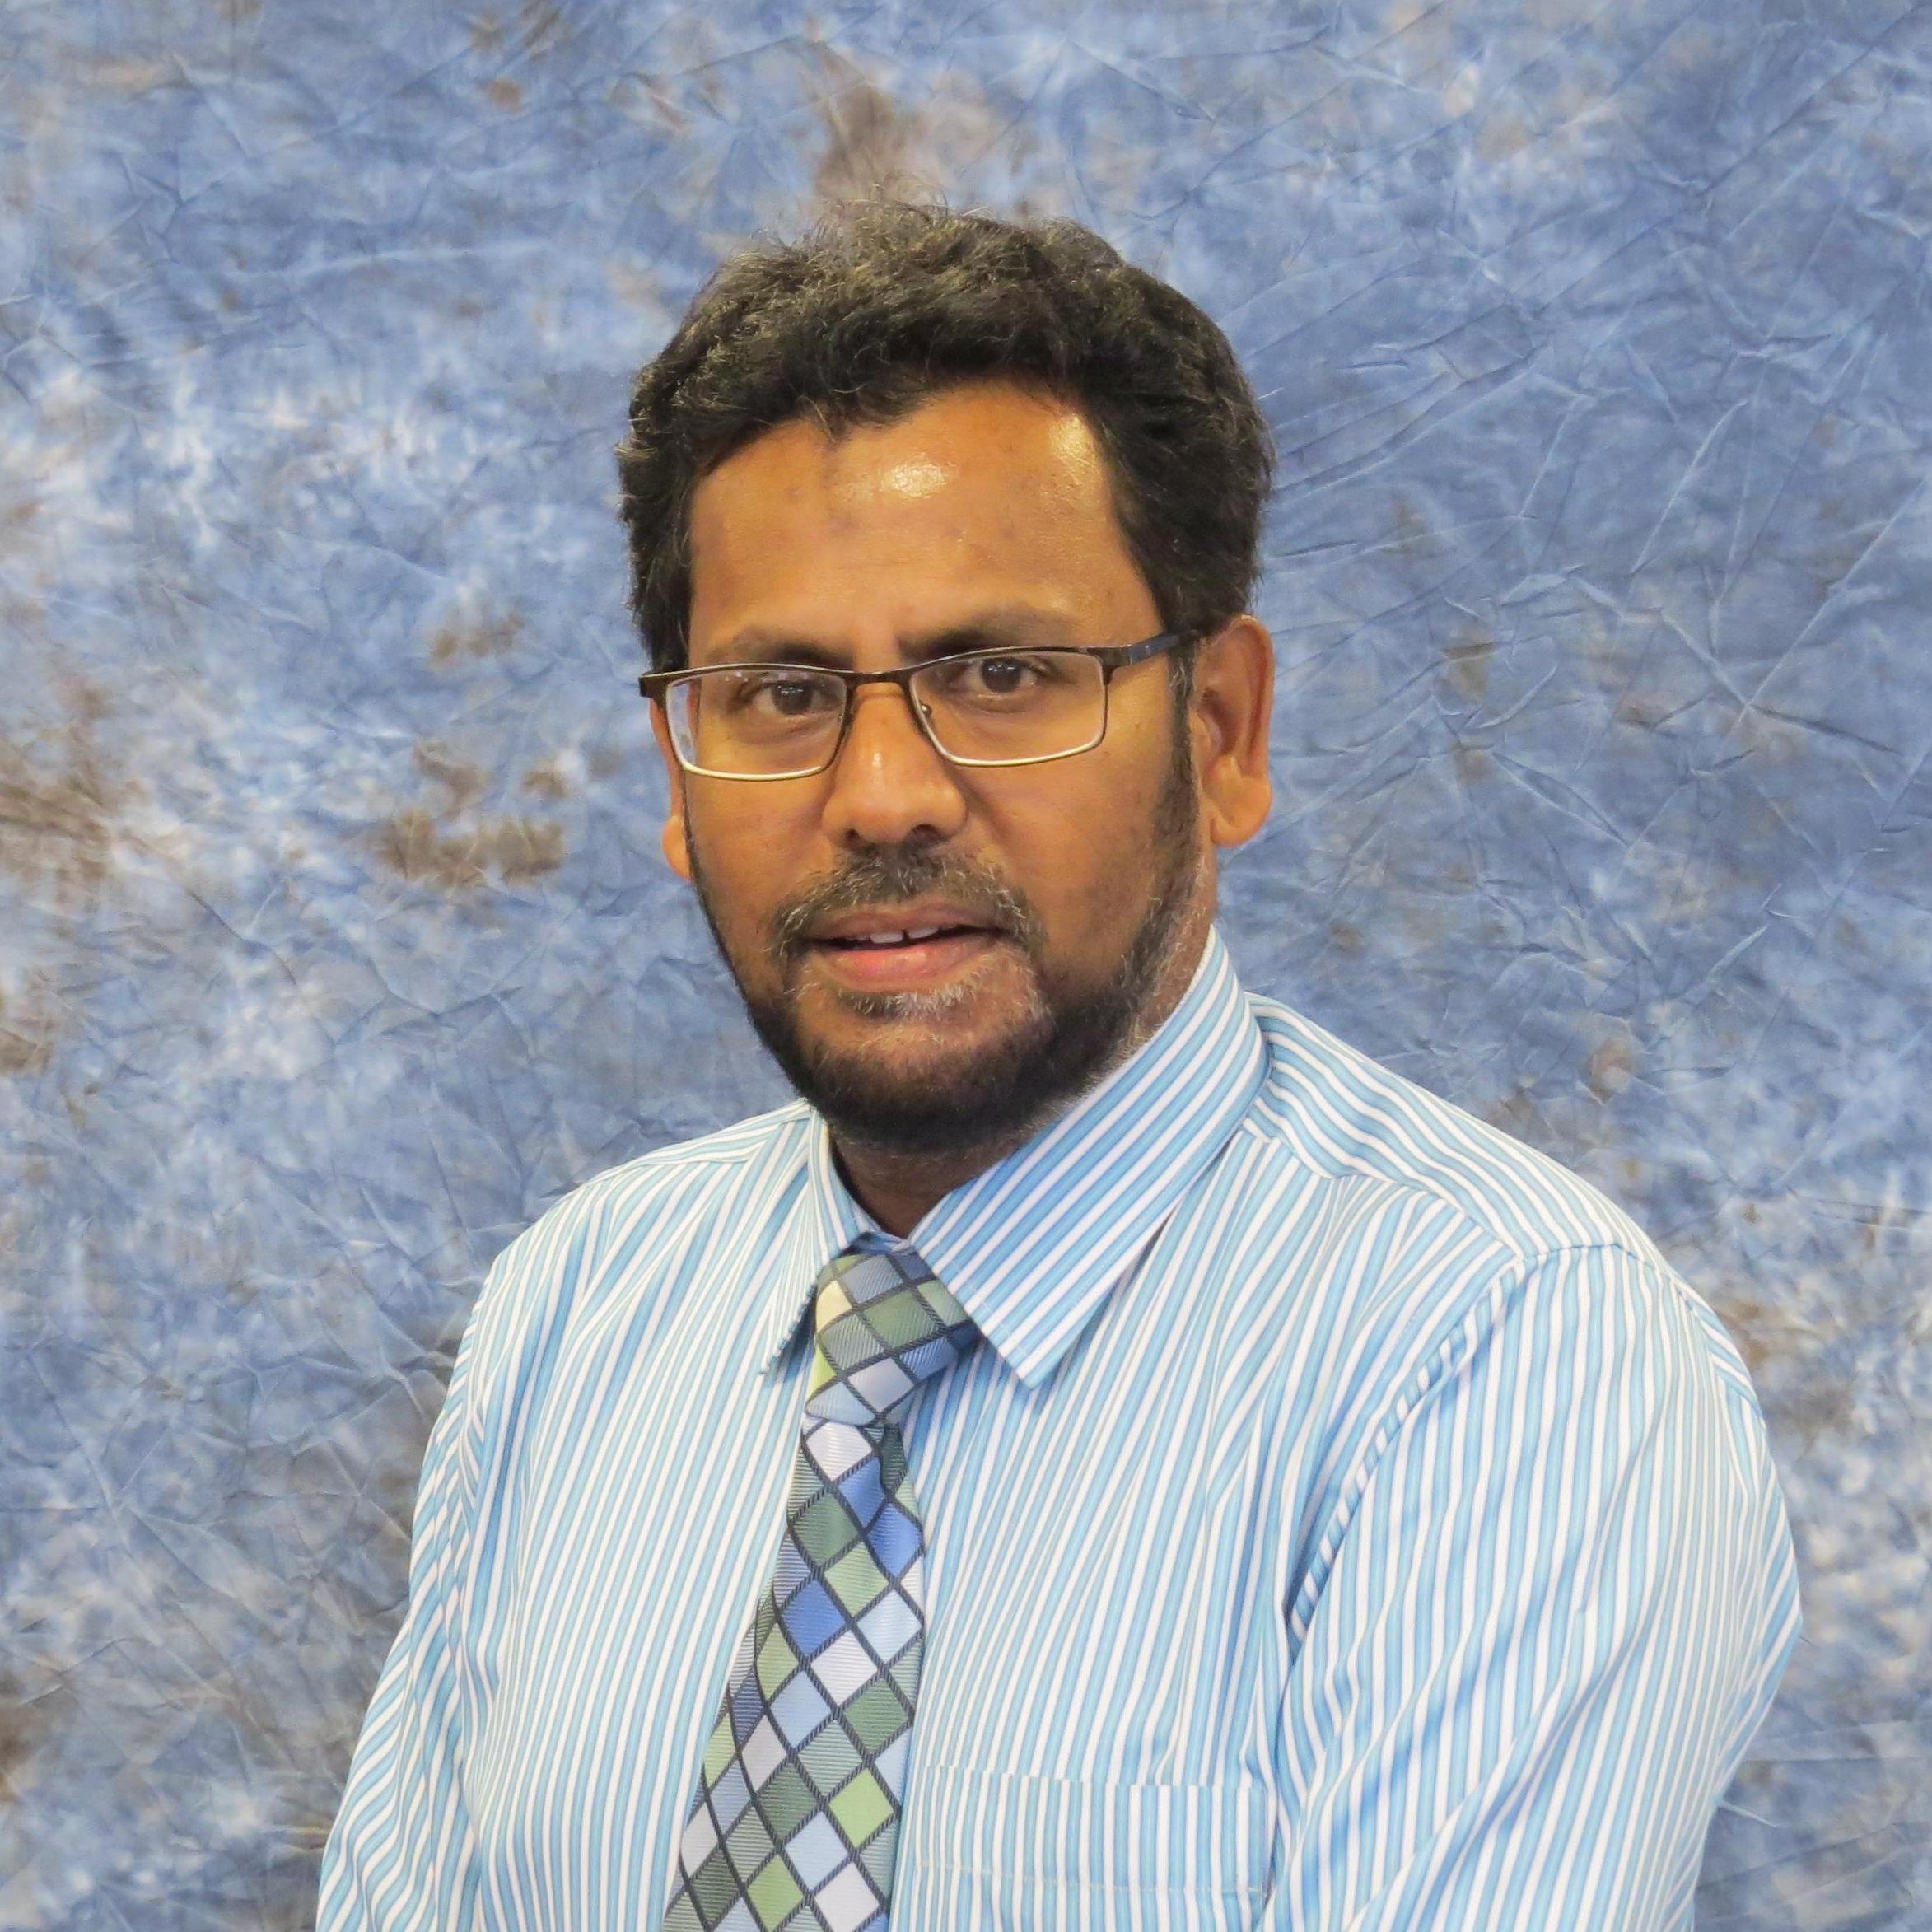 Nizamuddin Ameer Syed's Profile Photo